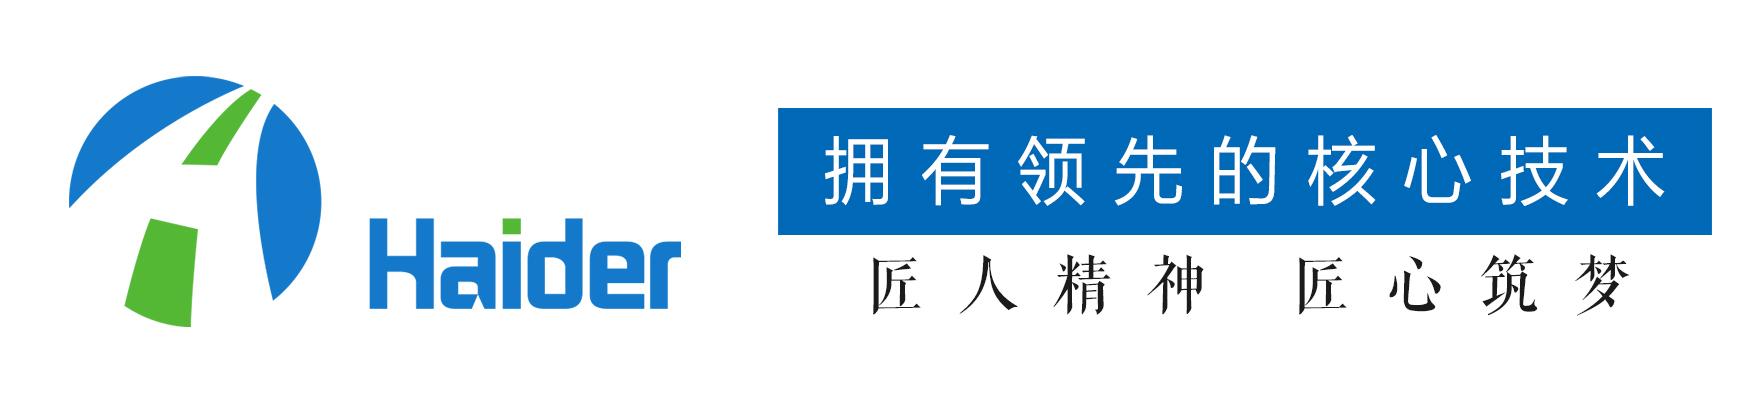 秦皇島海德爾橡塑制品有限公司